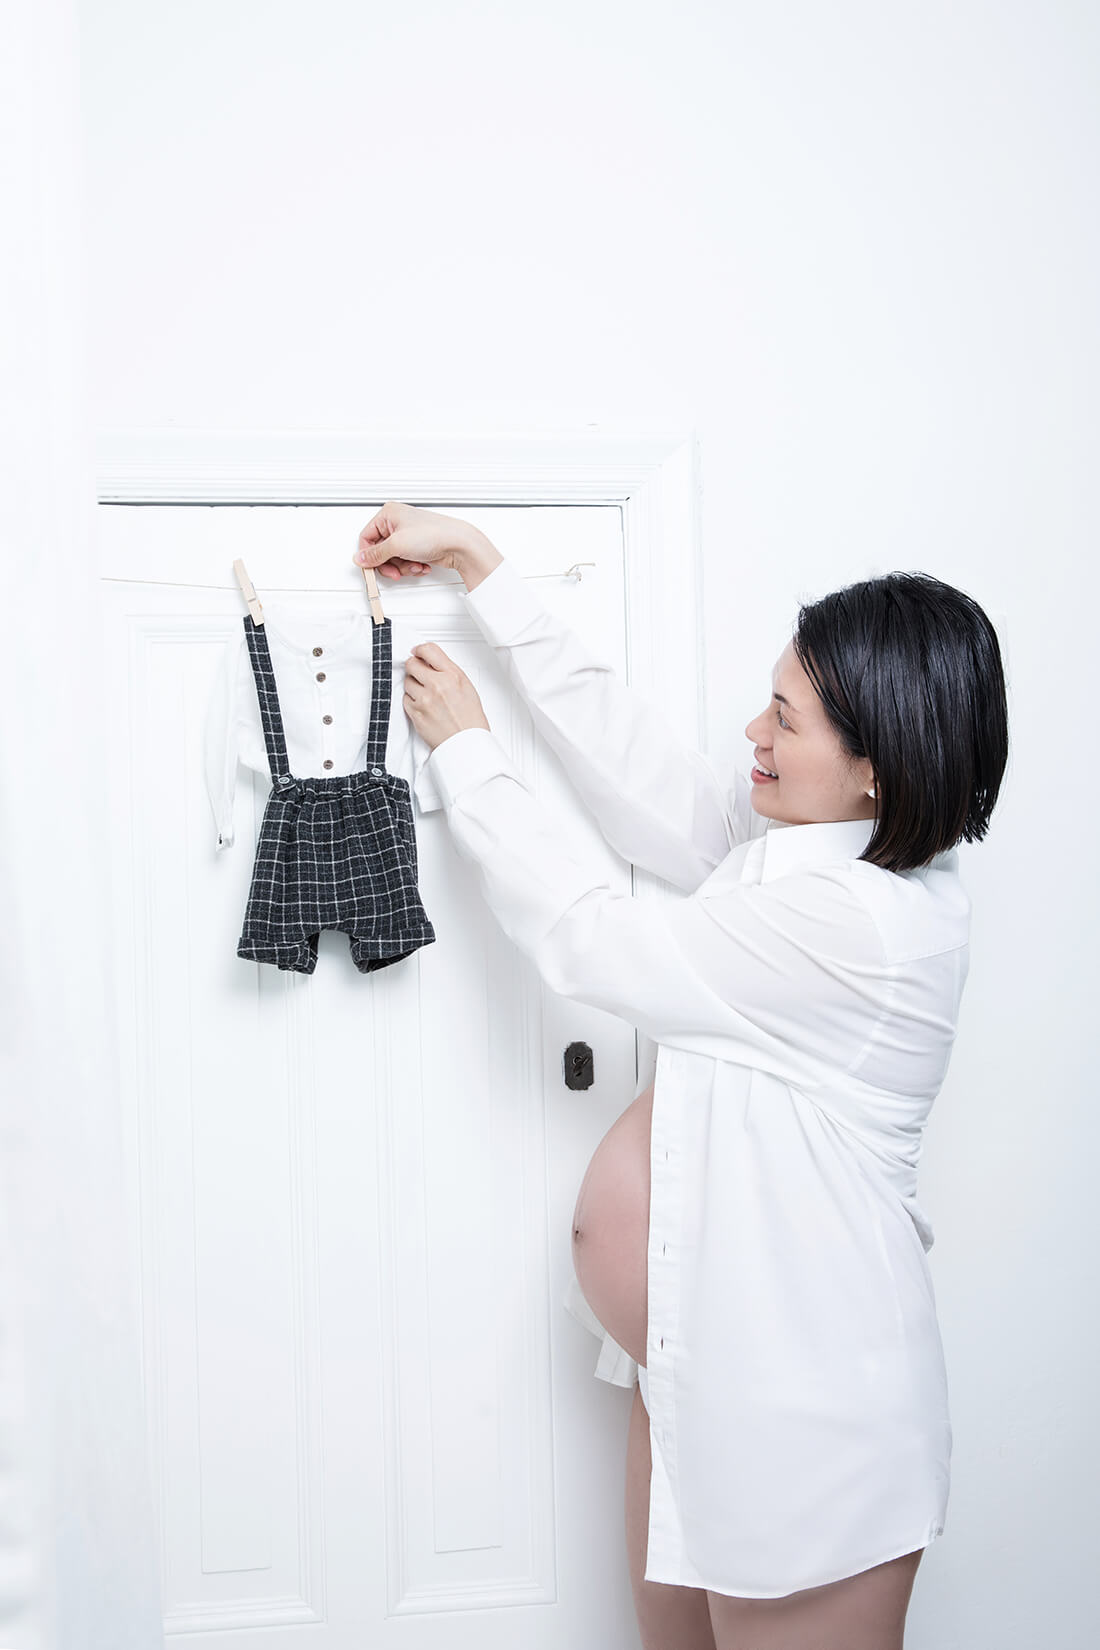 Werdende Mutter beim Babybauchshooting_Berlin © Miriam Ellerbrake, 2018